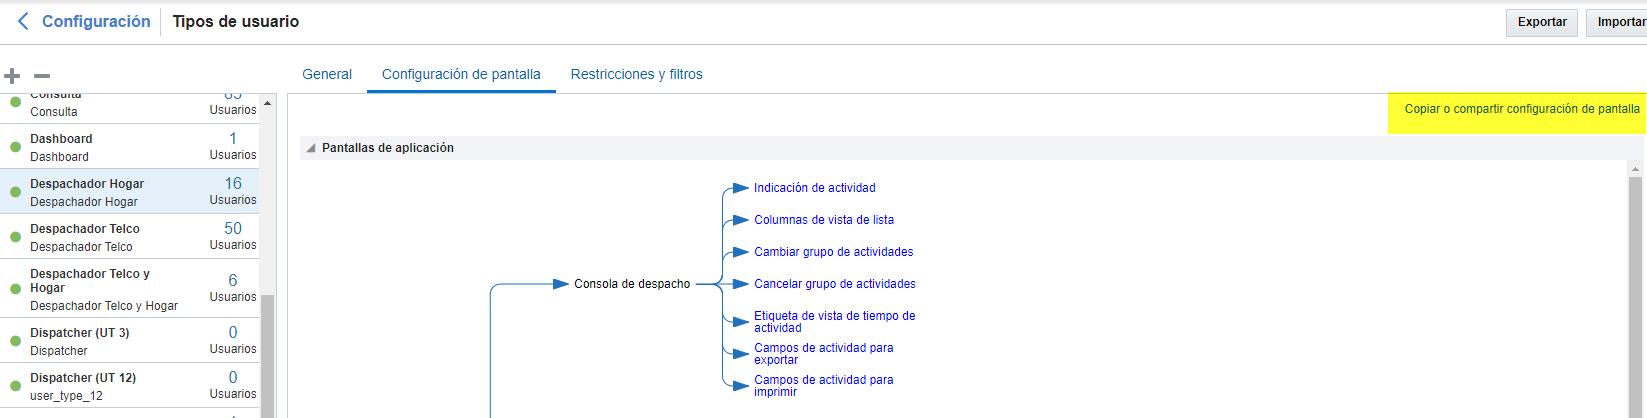 La opción Copiar o compartir configuración de pantalla está visible